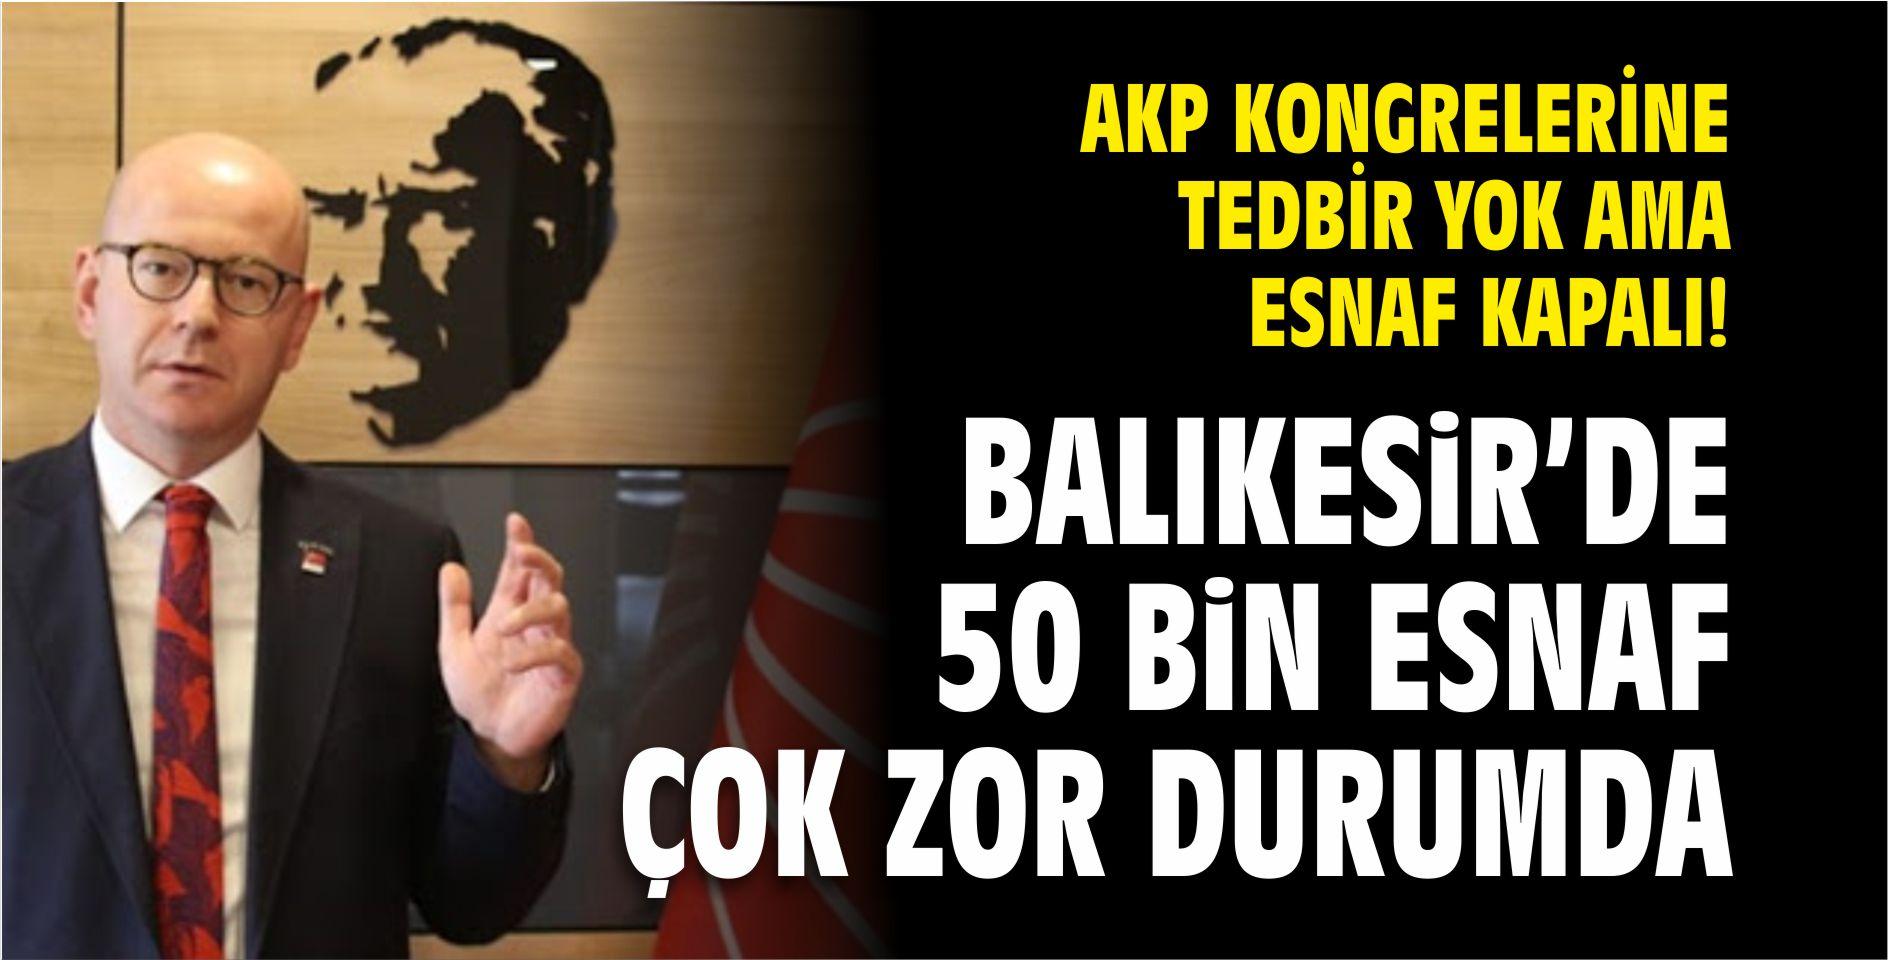 CHP İL BAŞKANI SERKAN SARI: AKP KONGRELERİNDE TEDBİR YOK AMA ESNAF KAPALI!